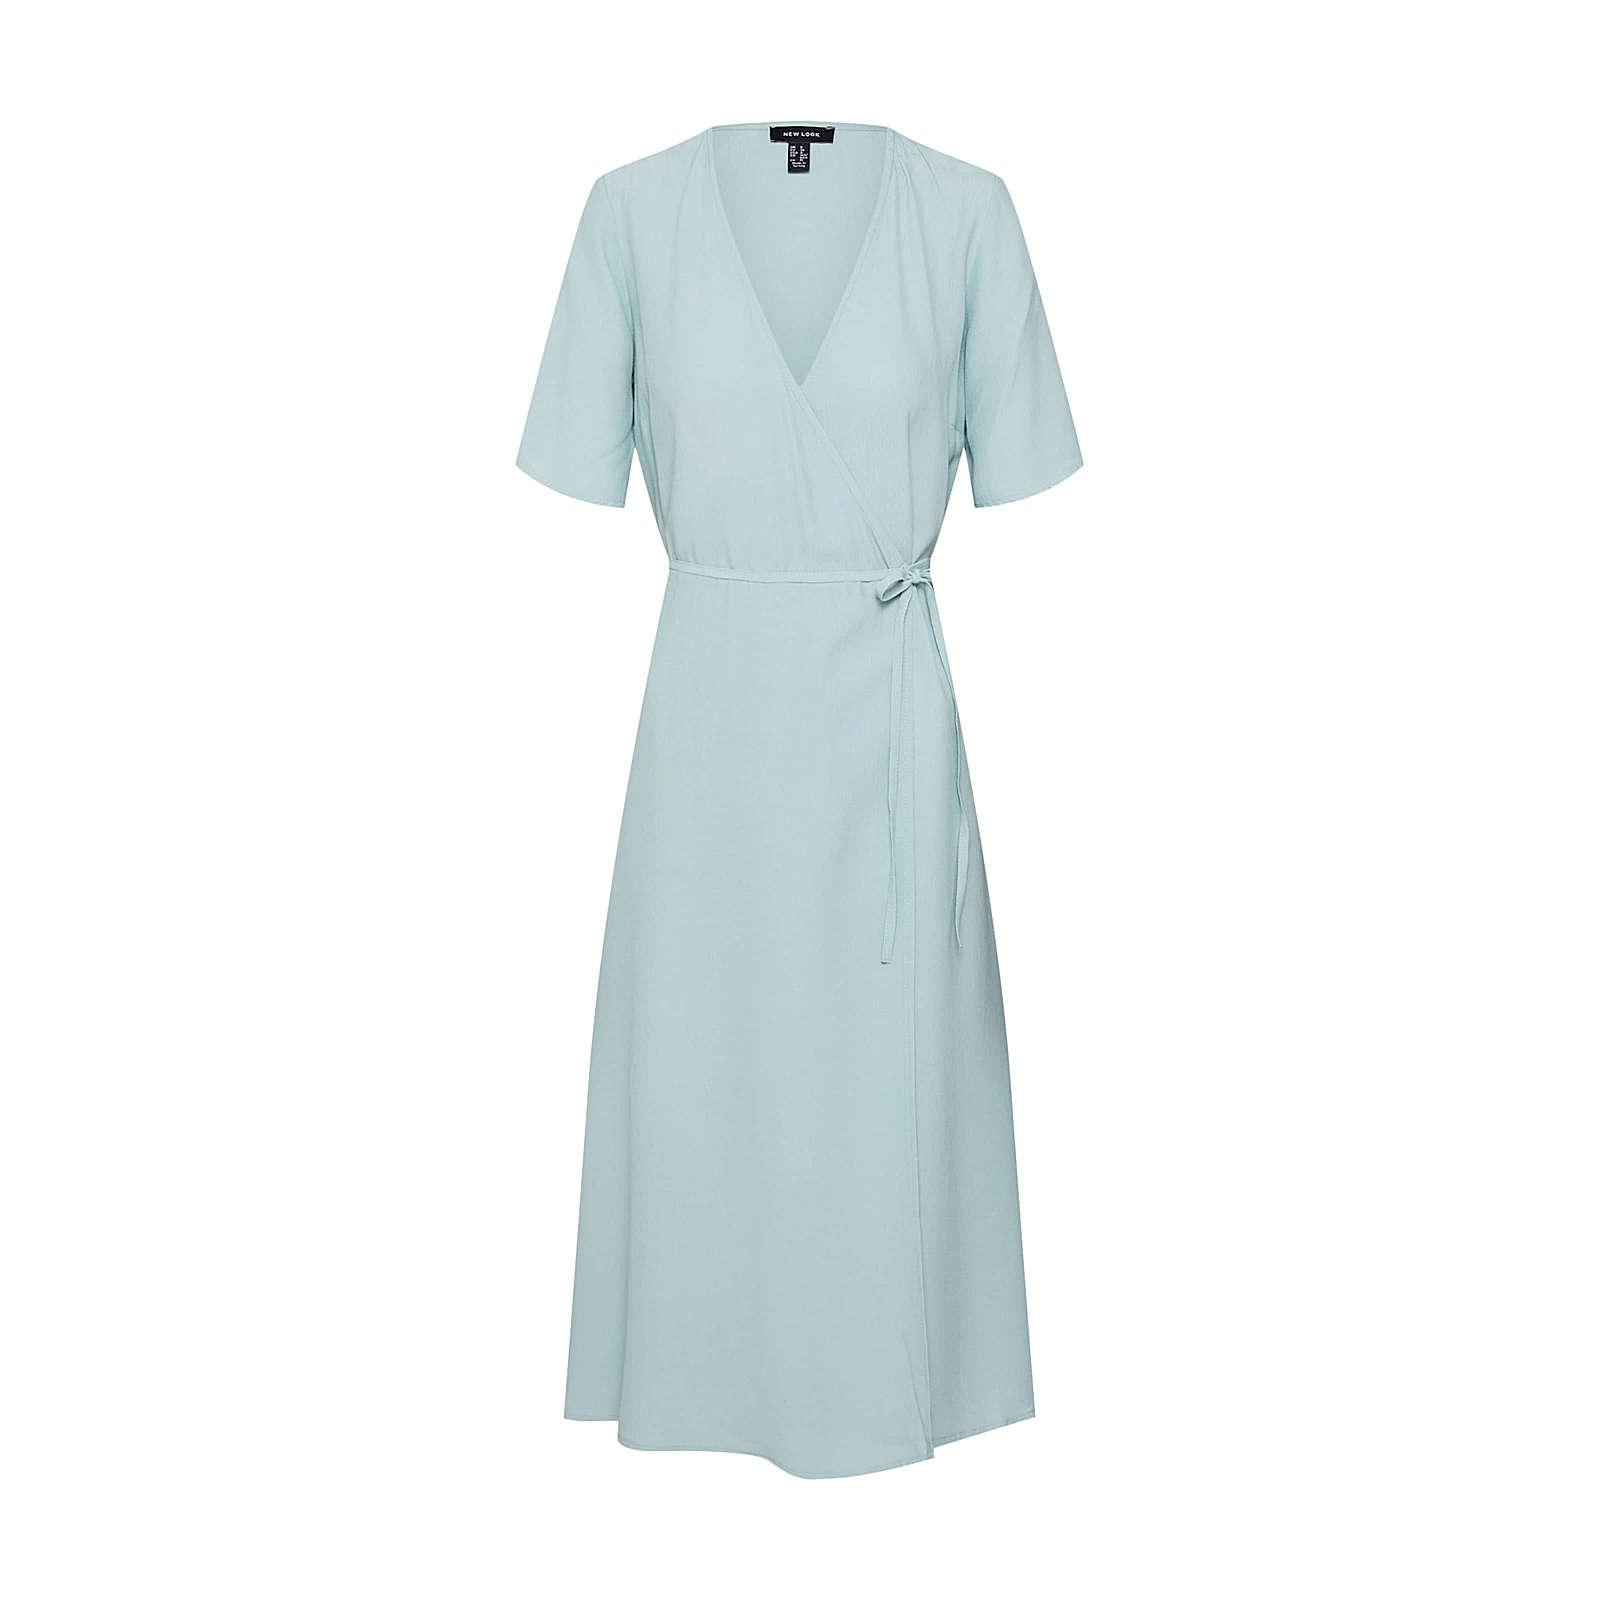 NEW LOOK Sommerkleid Sommerkleider mint Damen Gr. 34